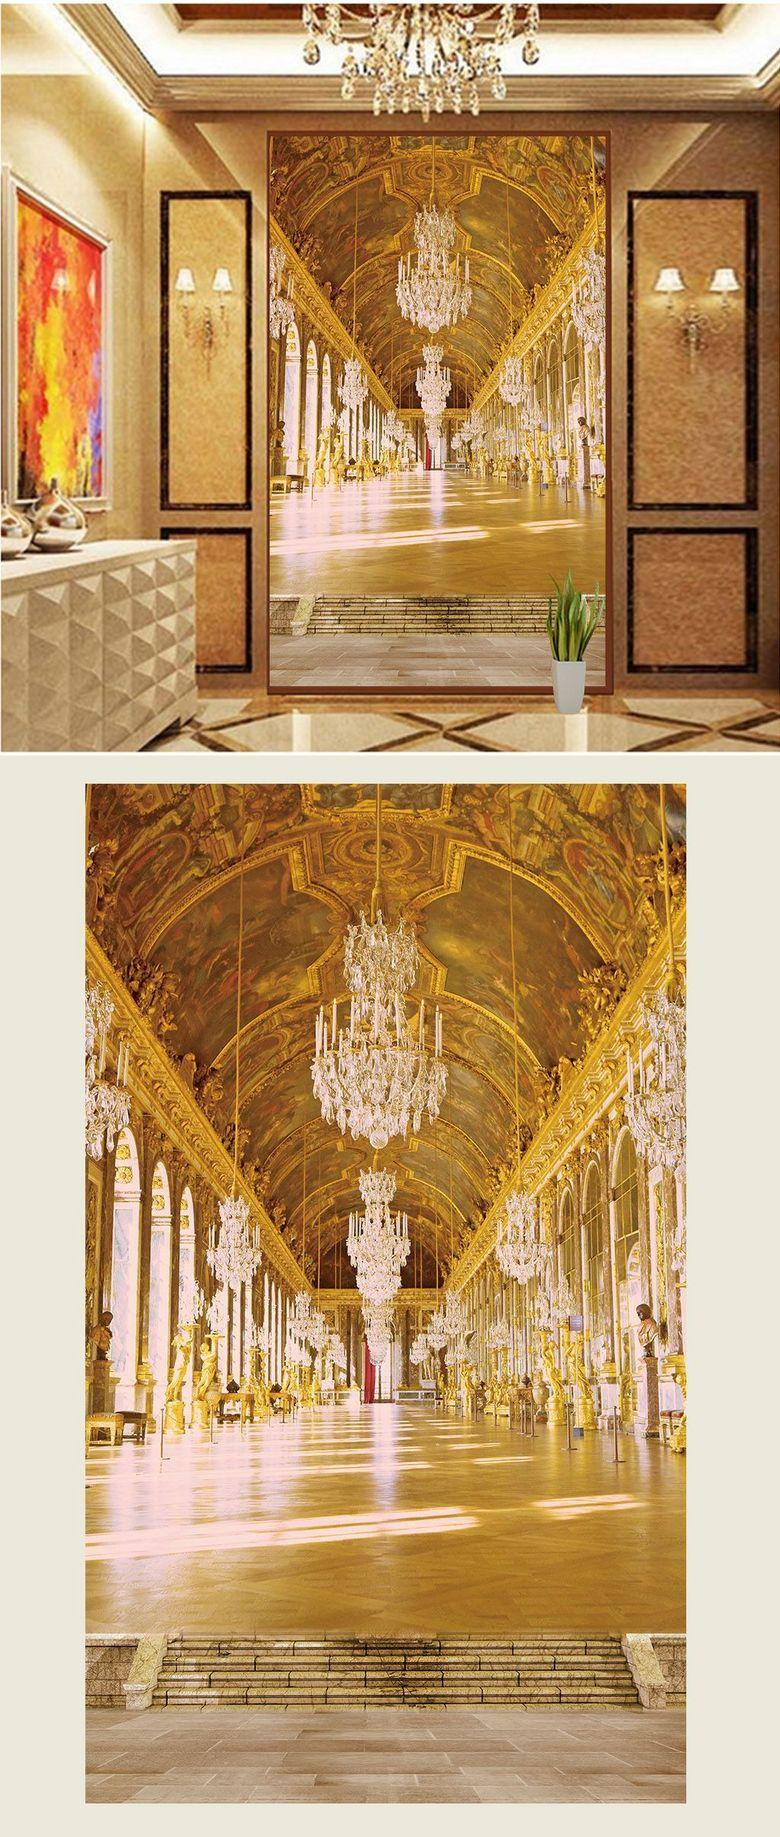 欧式建筑玄关背景装饰画室内装饰玄关壁画